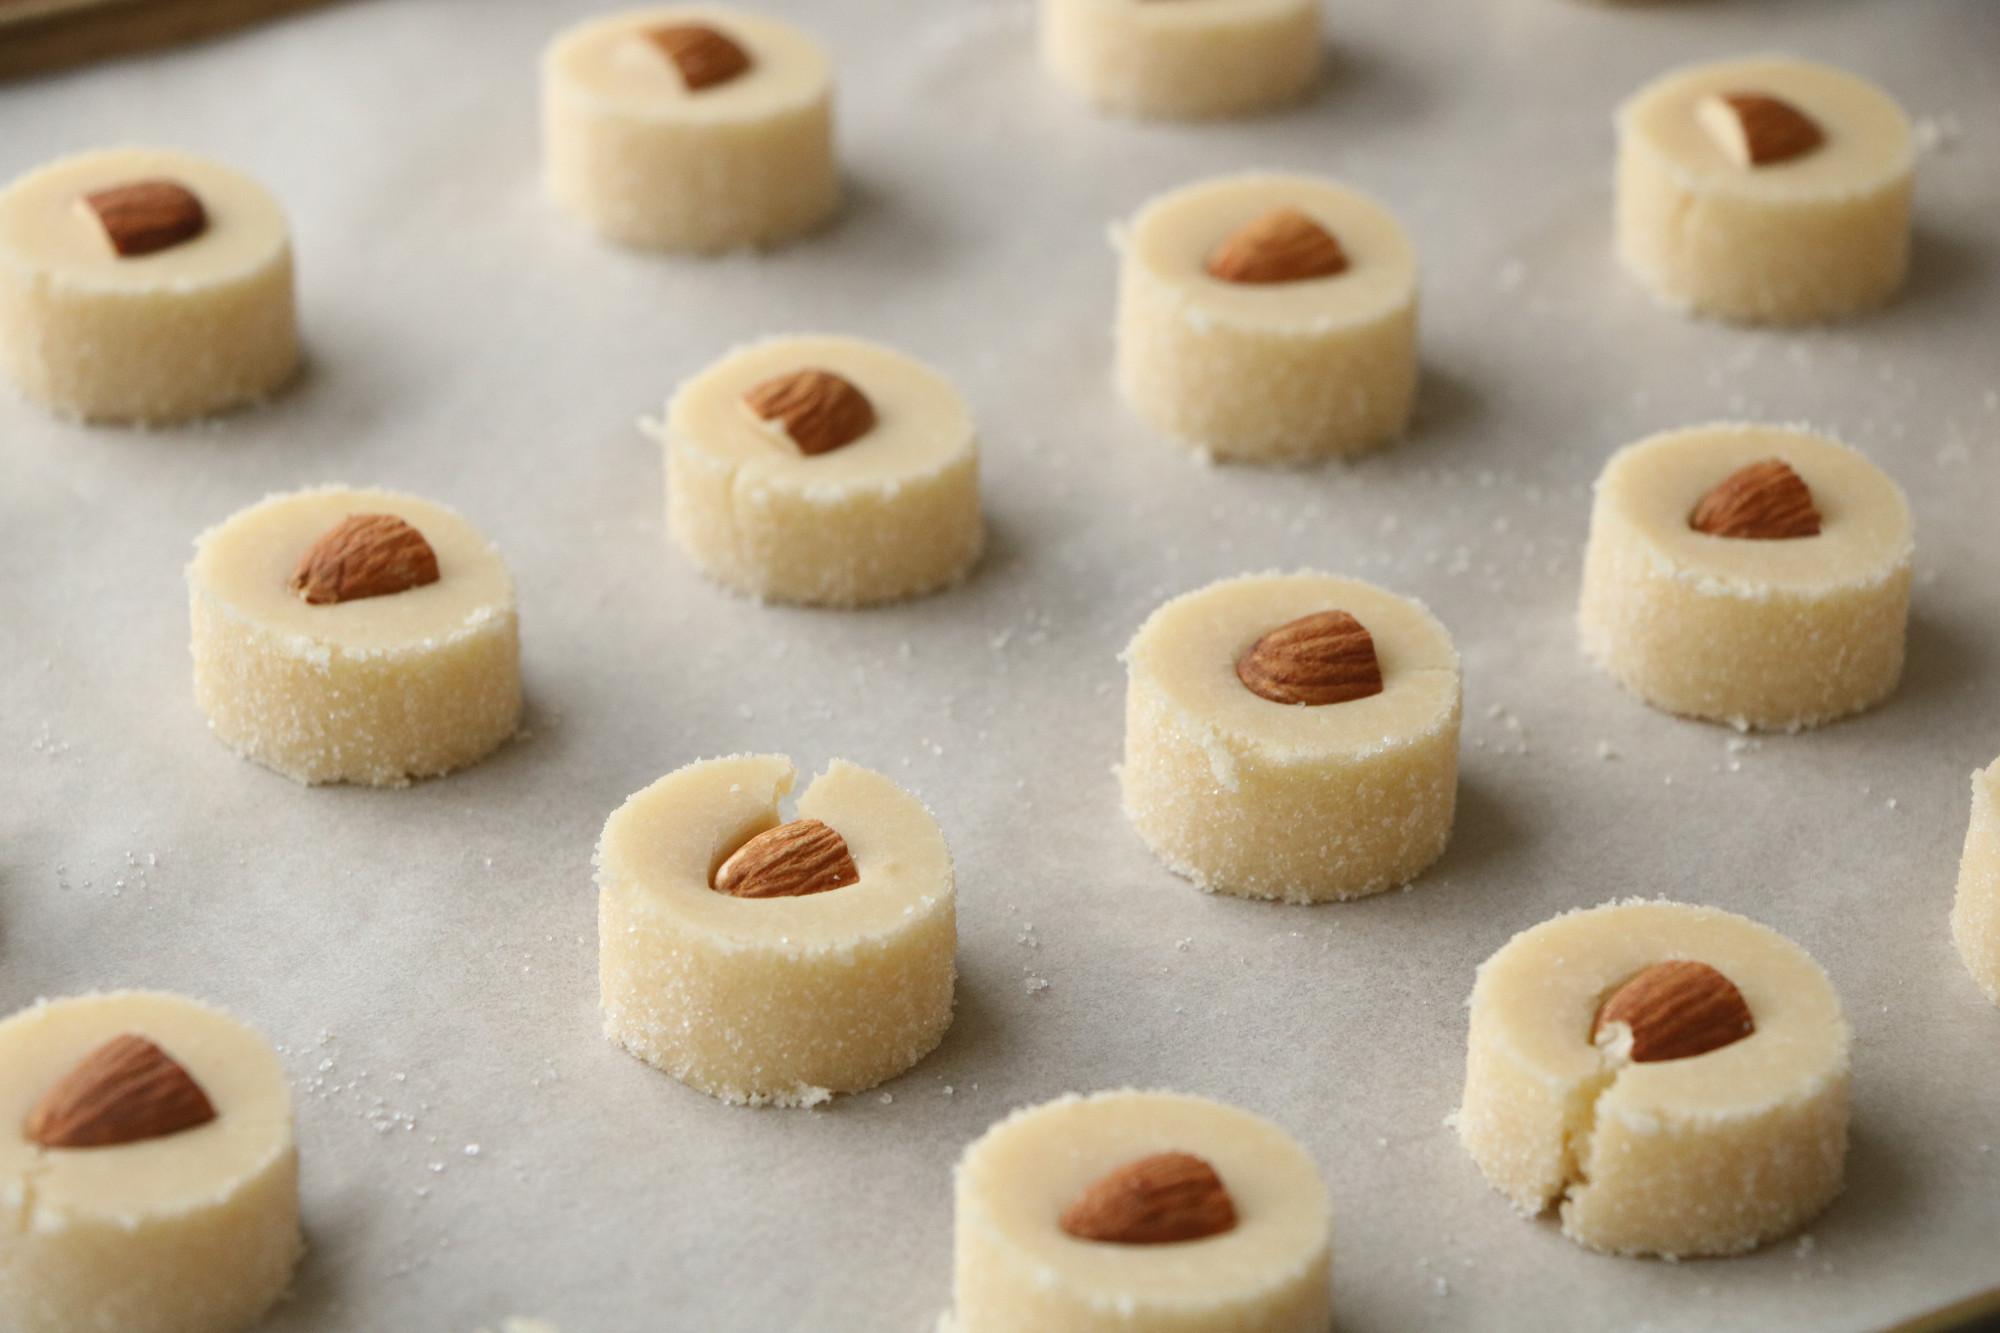 網紅沙布蕾曲奇餅乾,簡單零失敗,過年送禮特合適,好吃上檔次